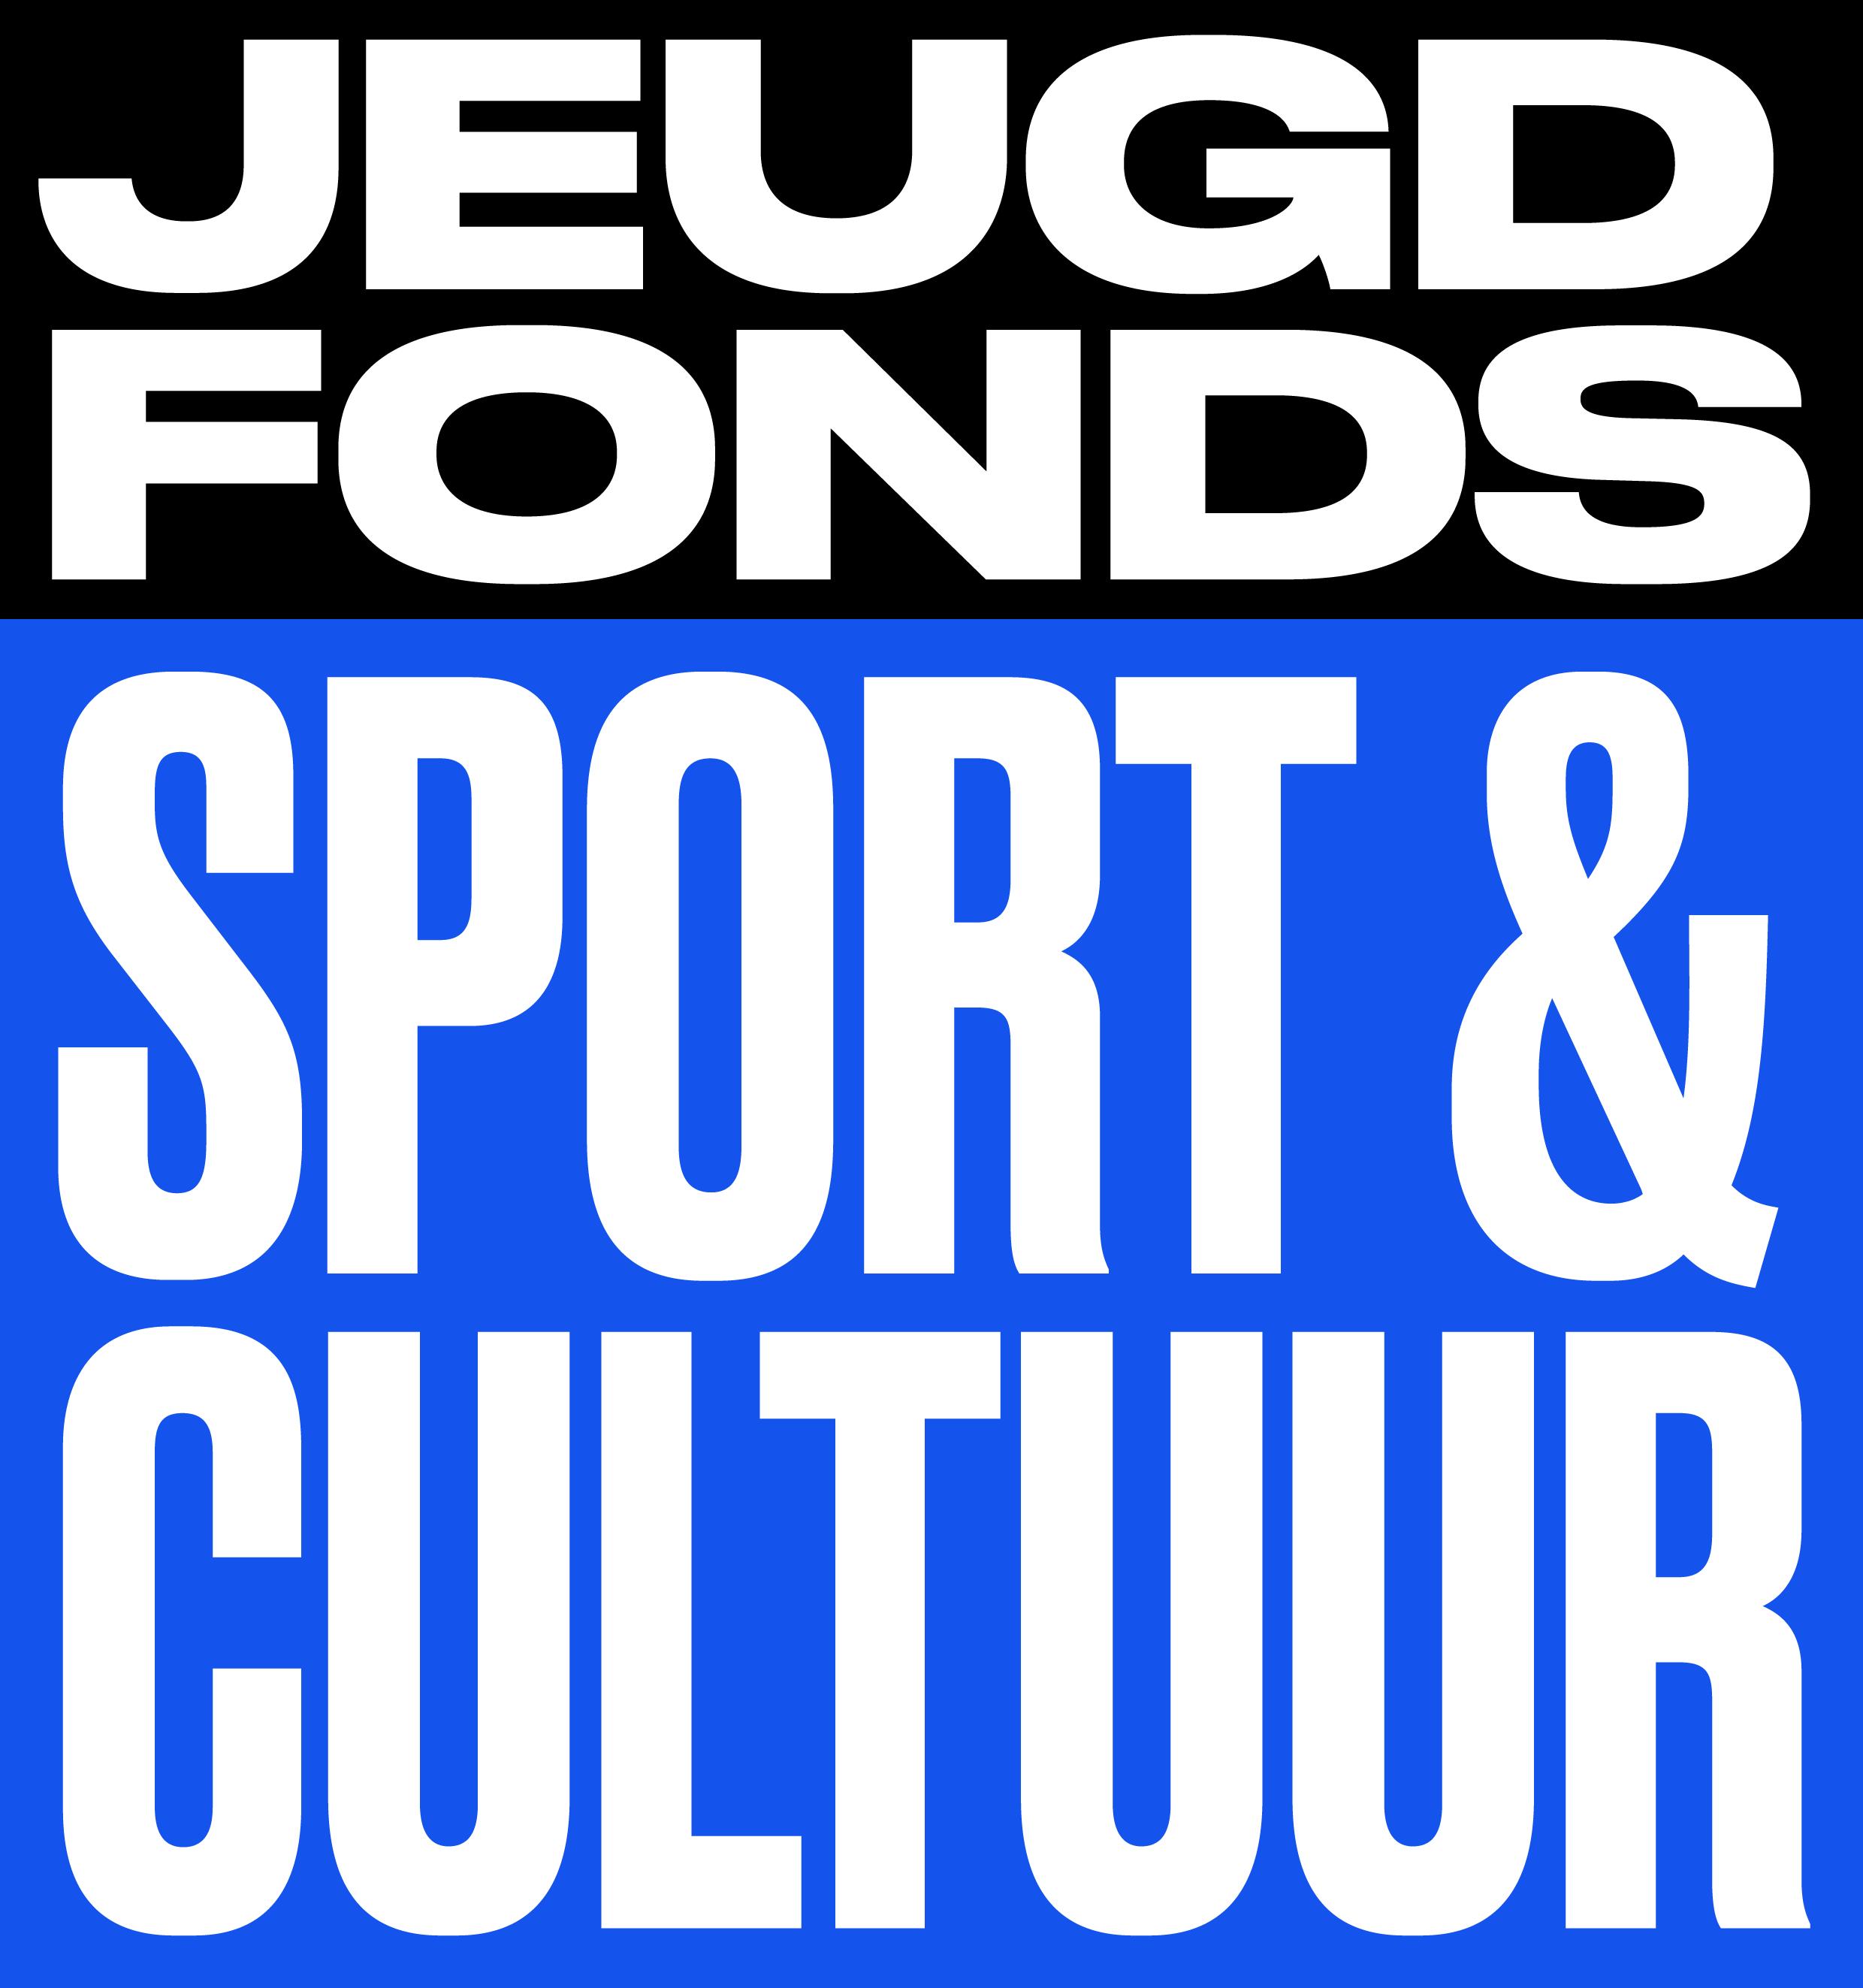 Jeugd Sport Fonds